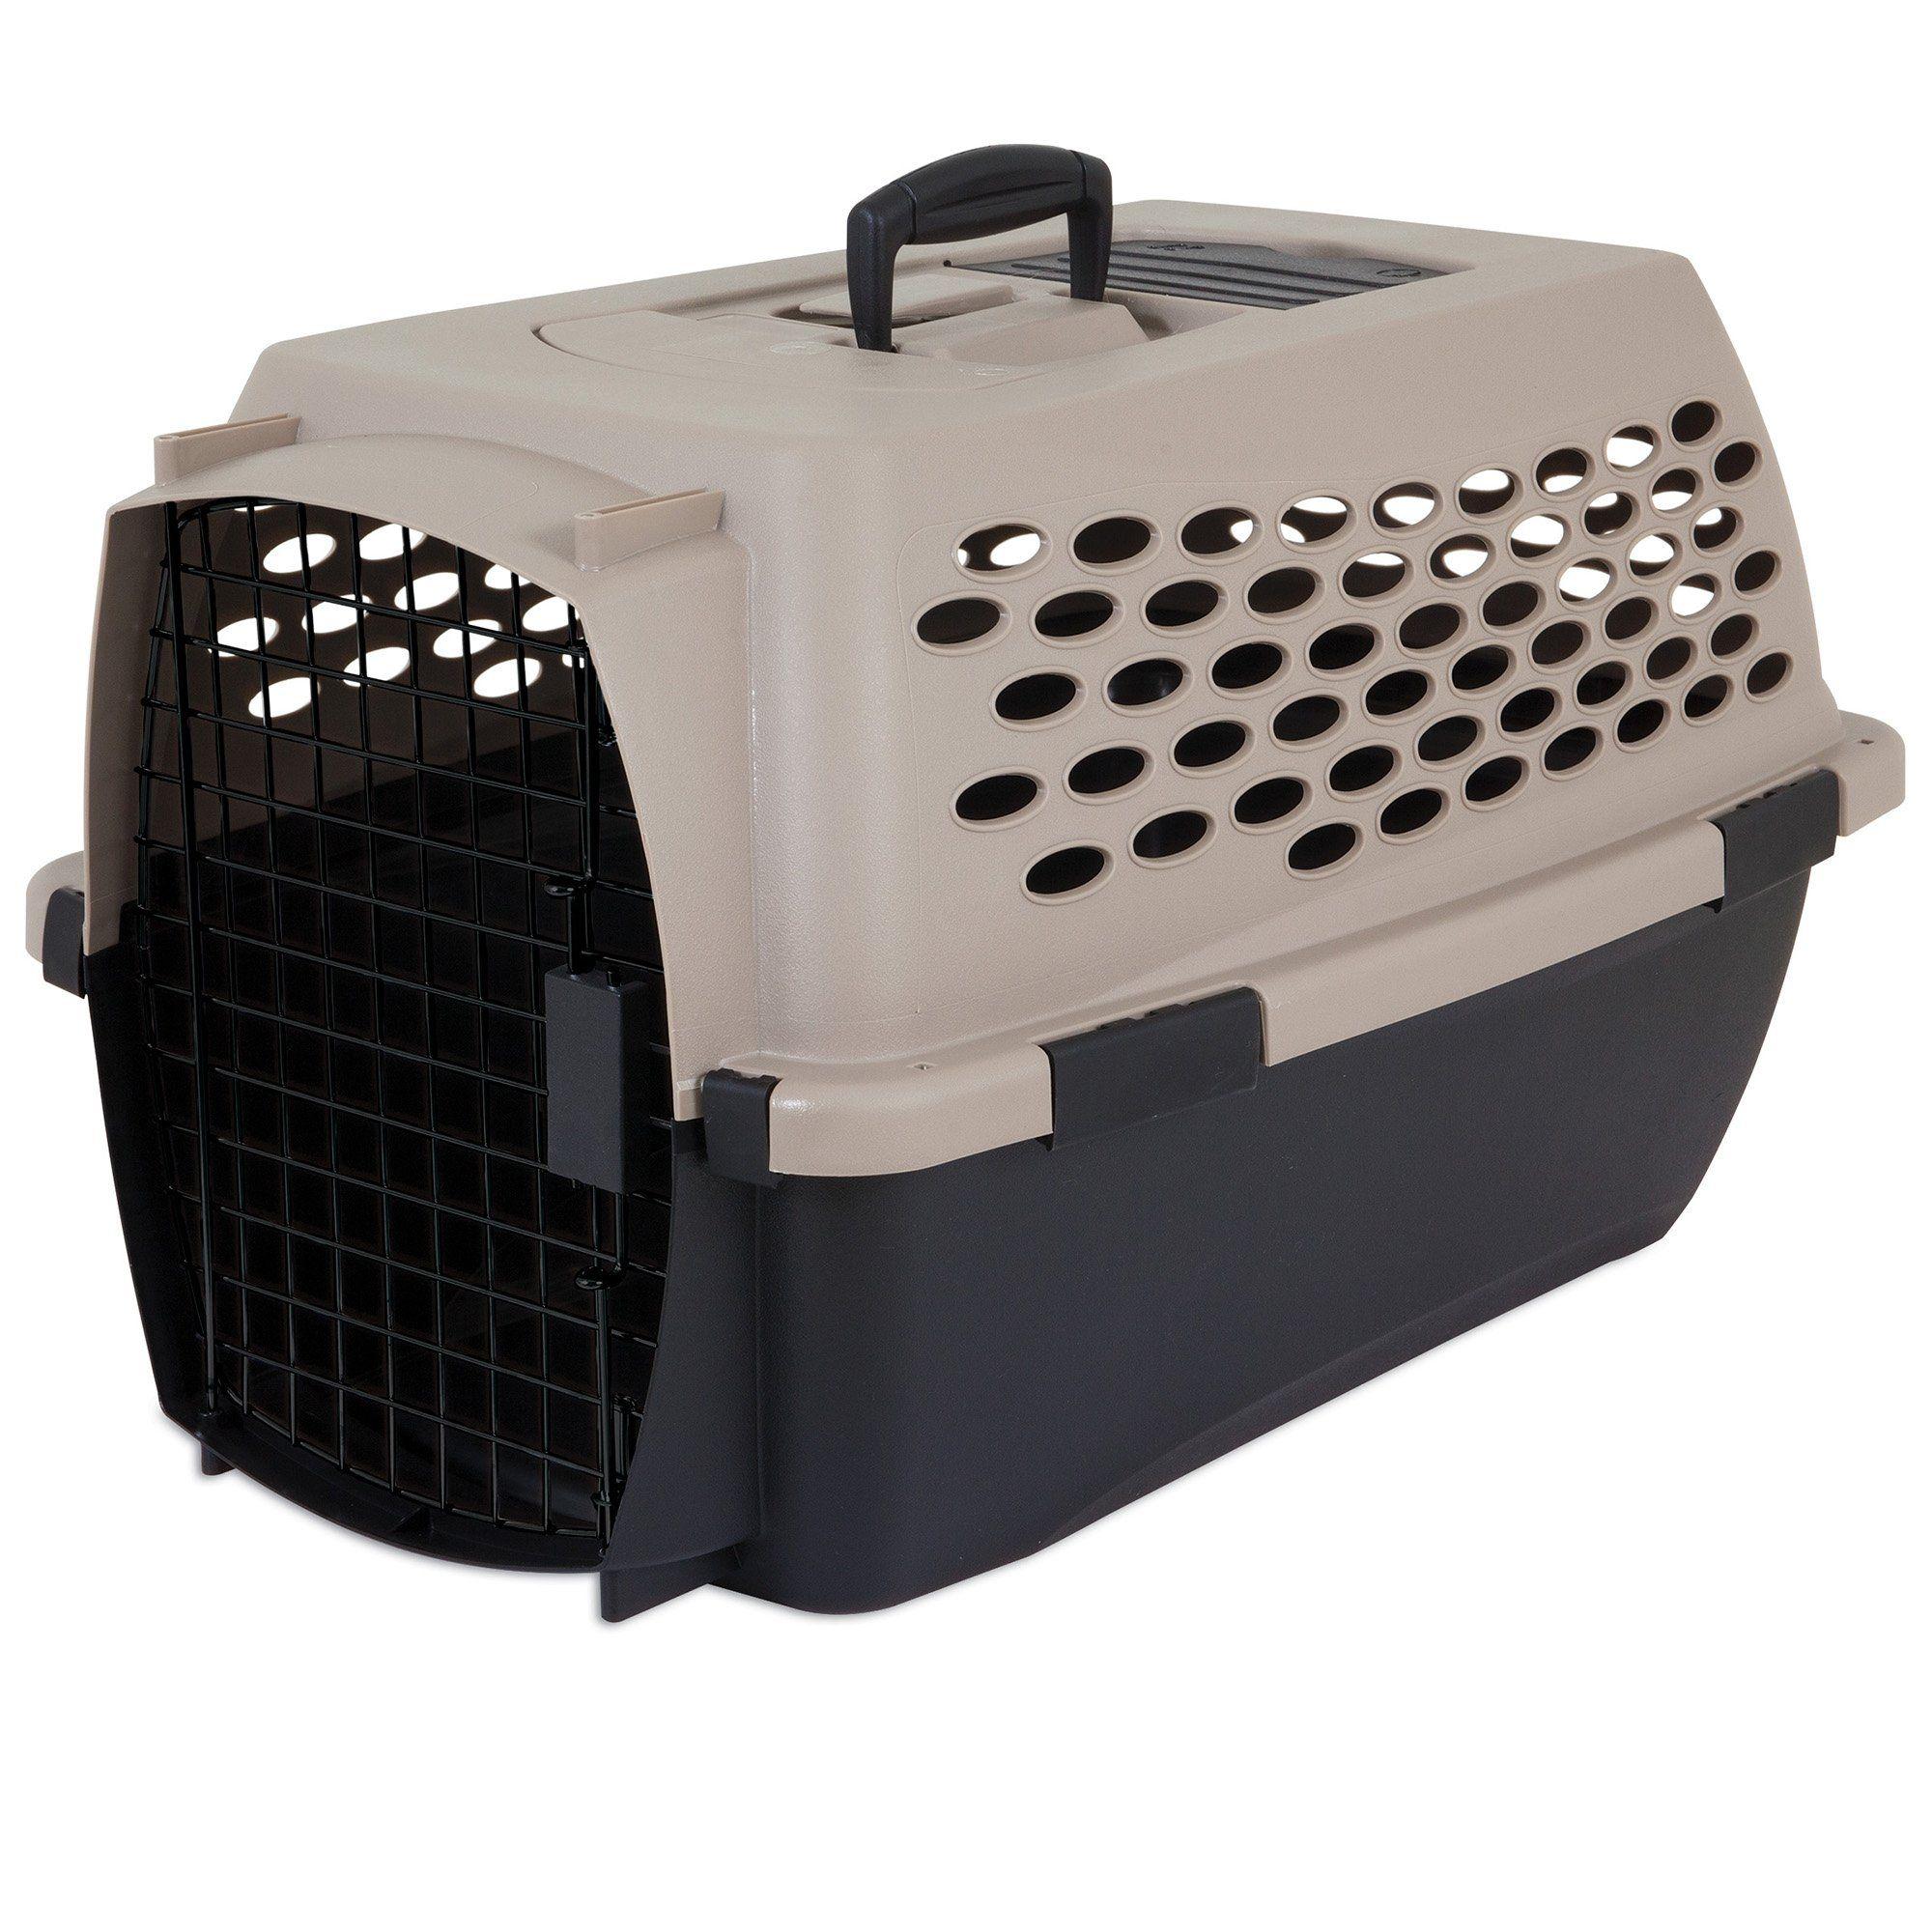 Petmate Tan Vari Dog Kennel 24 1 L X 16 7 W X 14 5 H Medium